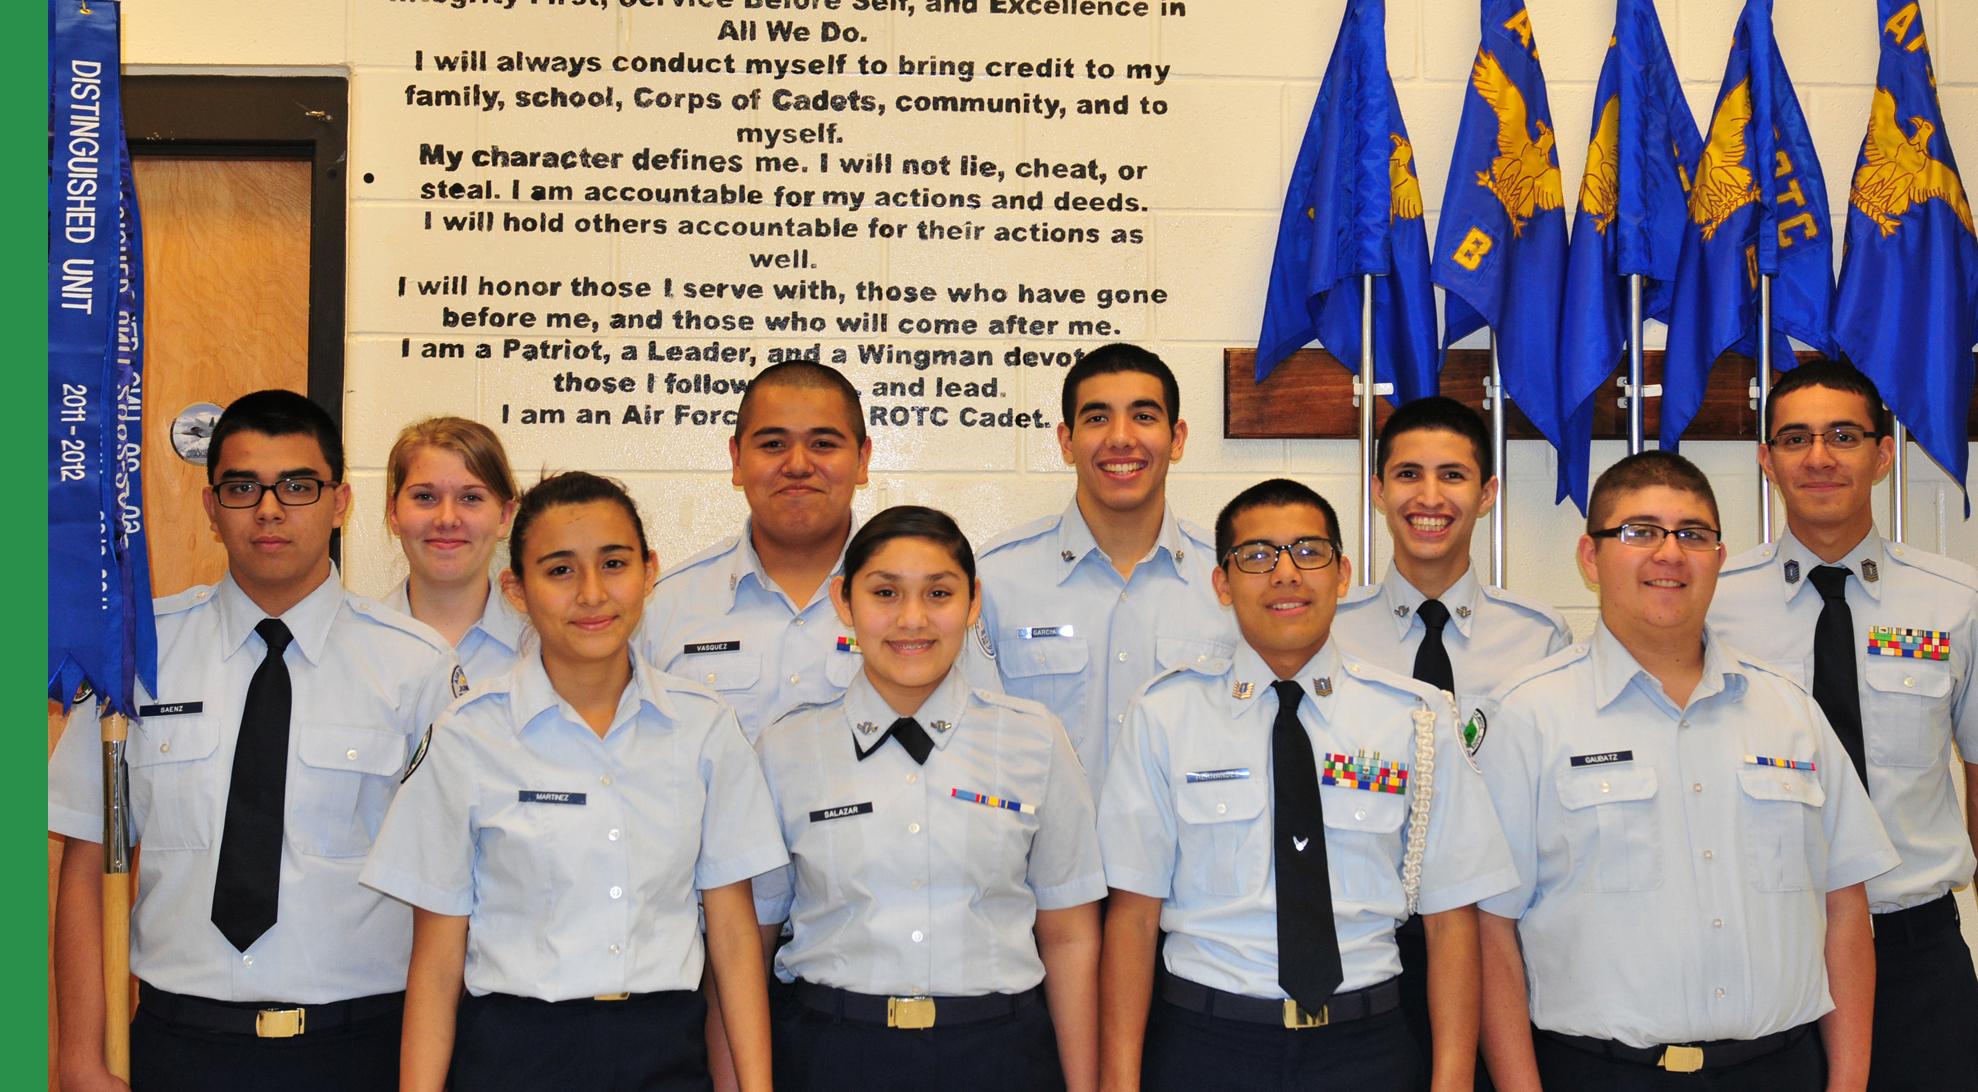 HHSS JROTC program Exceeds Standards